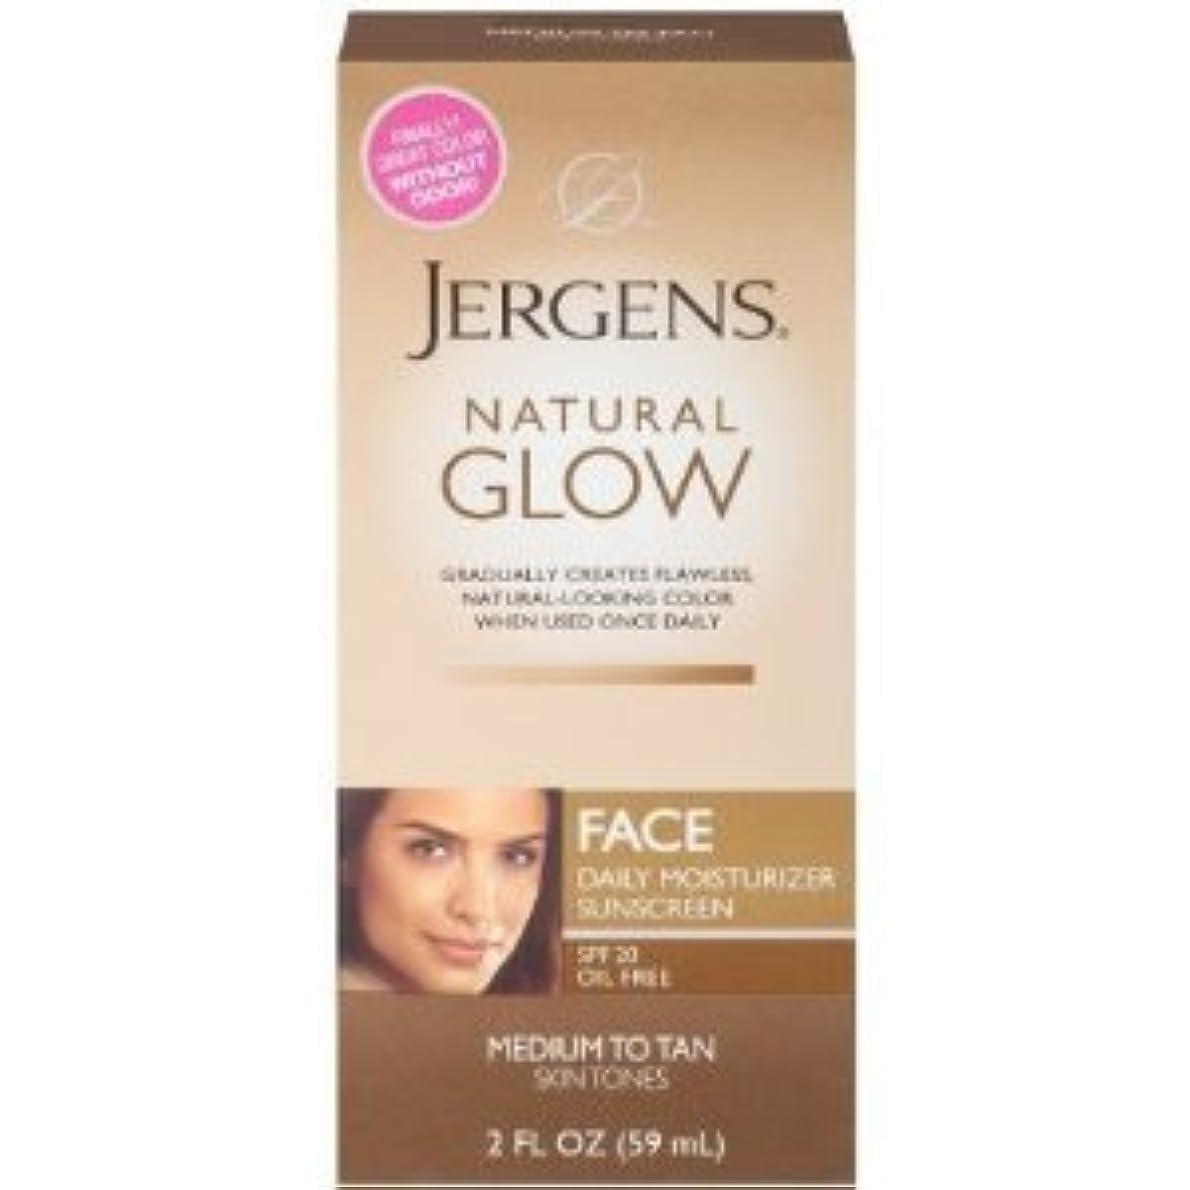 デイジー与えるマリンNatural Glow Healthy Complexion Daily Facial Moisturizer, SPF 20, Medium to Tan, (59ml) (海外直送品)